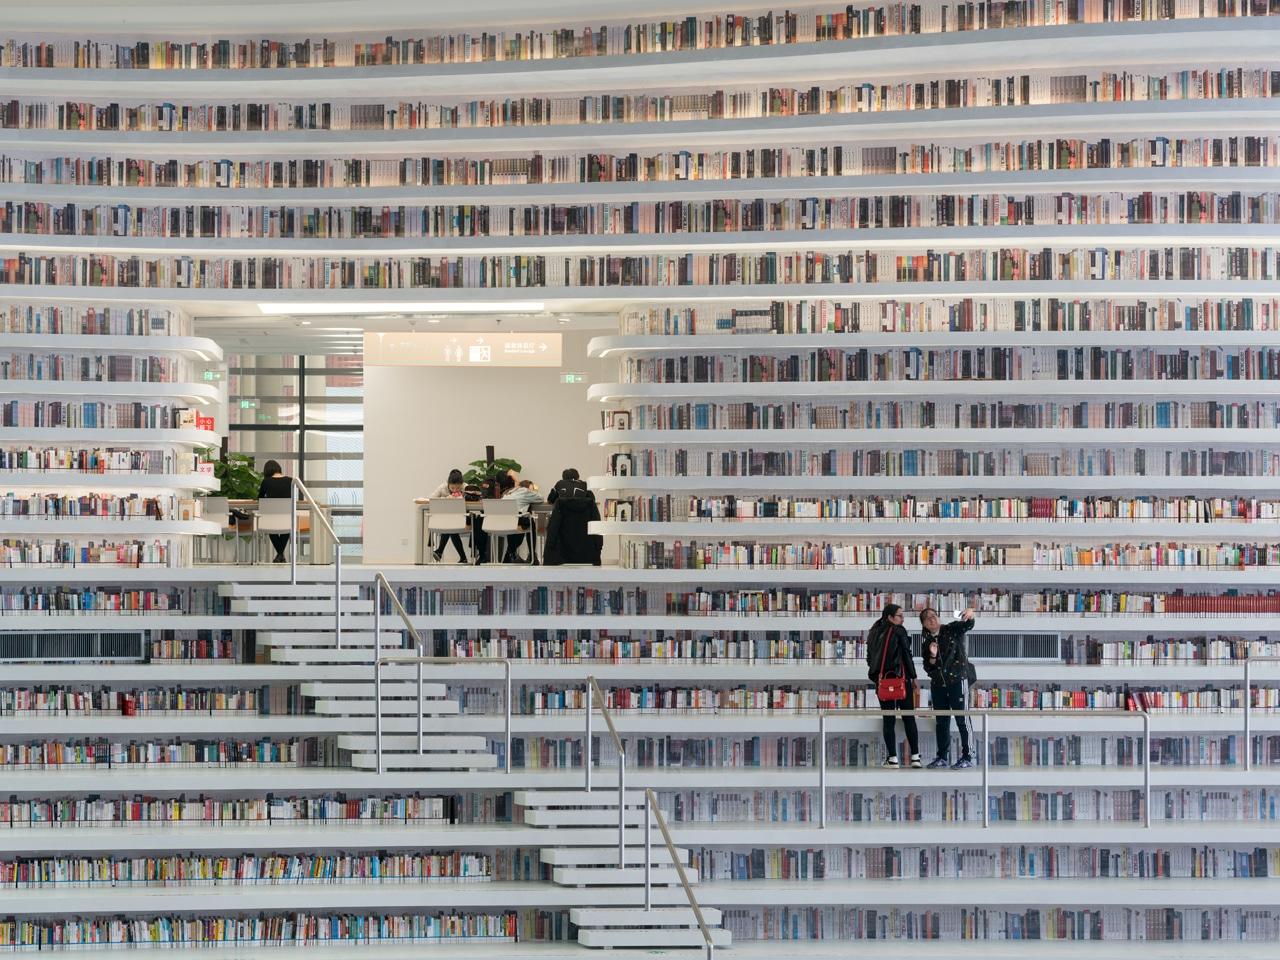 24_library mvrdv tianjin_Tianjin_Library_∏kiiwan